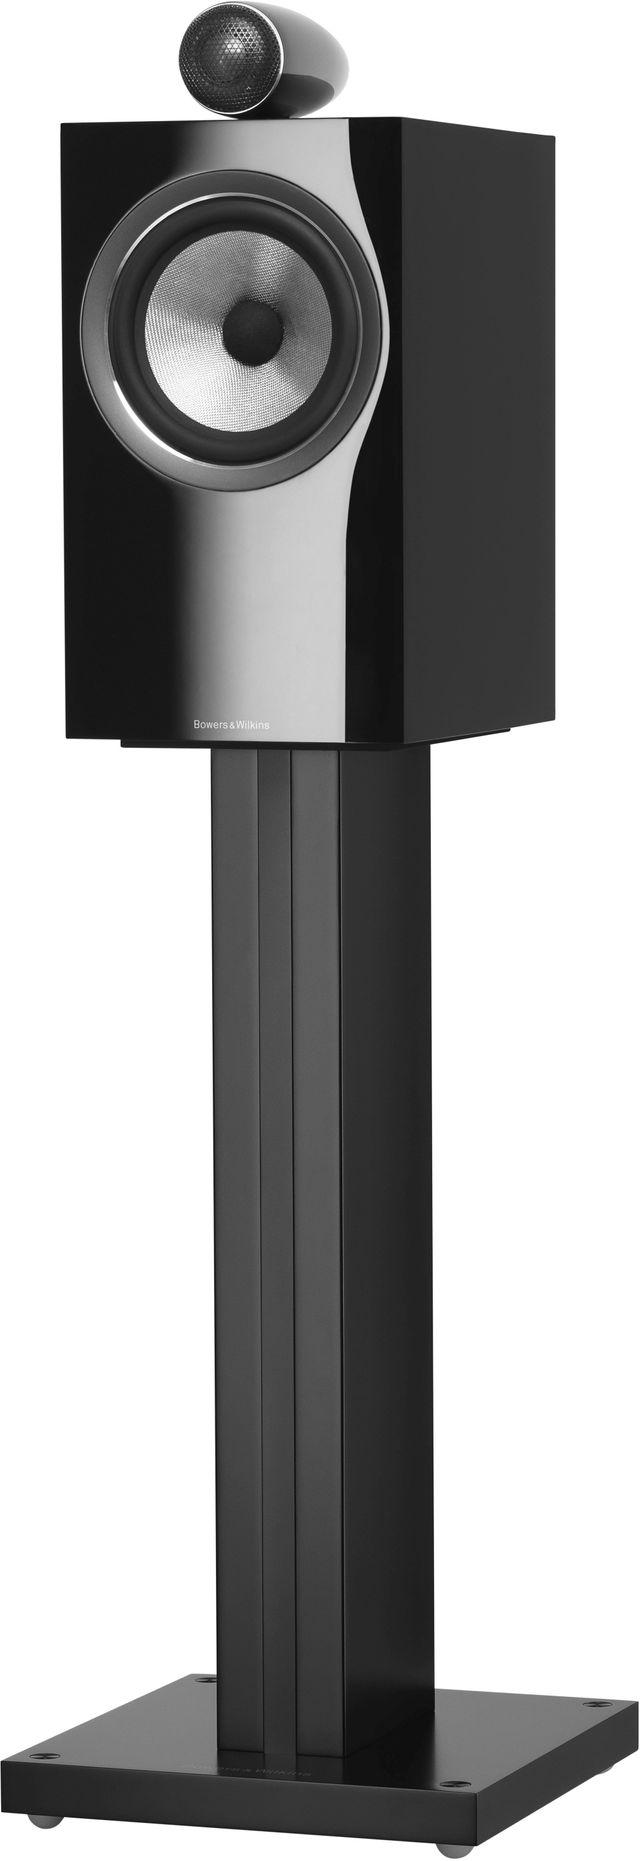 Bowers & Wilkins Gloss Black 705 S2 Bookshelf Speaker-705 S2-Black